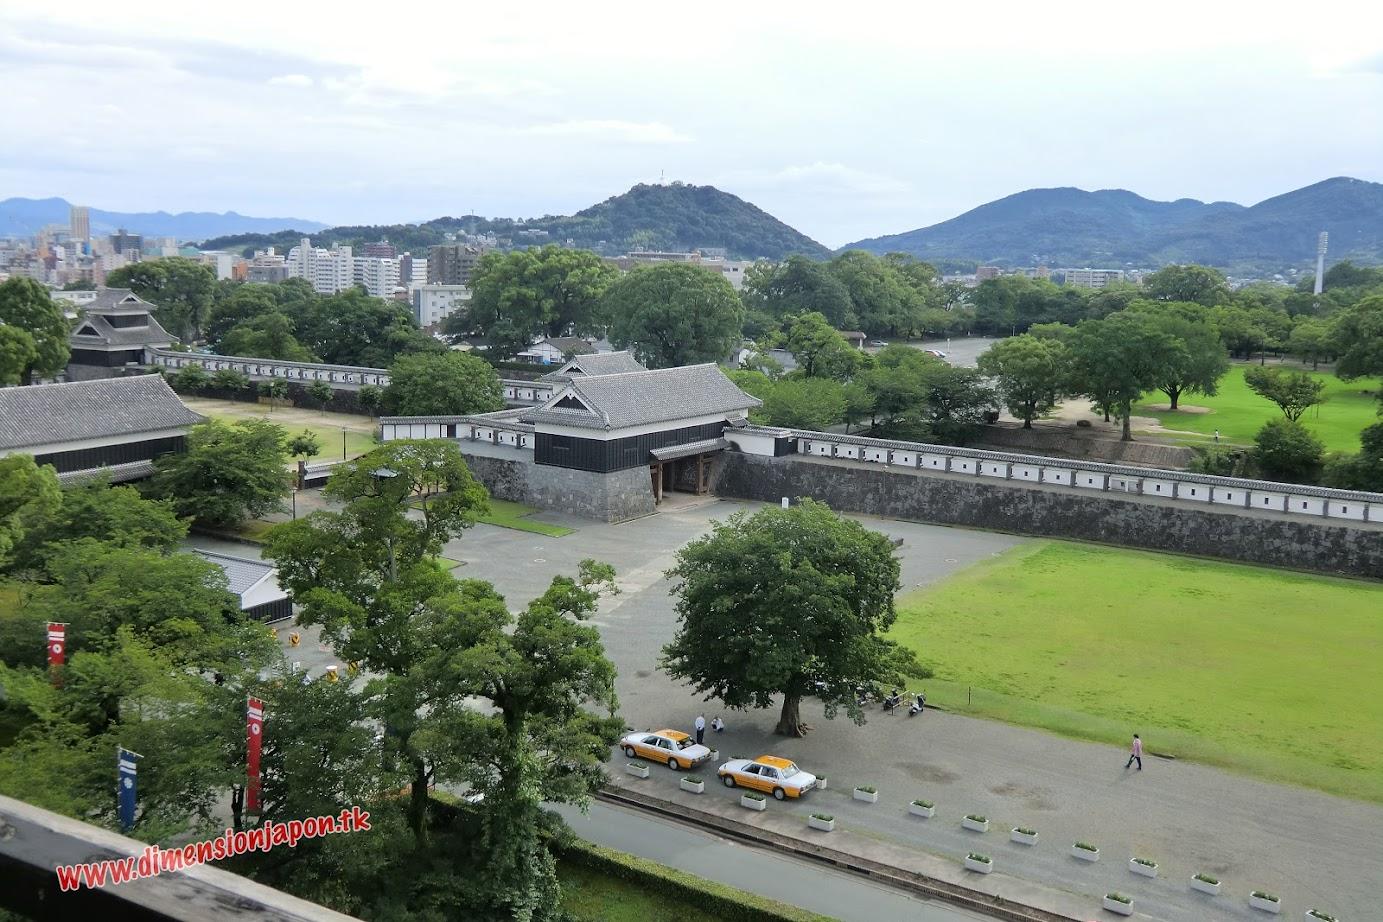 CIMG1492  Recinto del Castillo de Kumamoto desde  una de las torres (Kumamoto) 15-07-2010